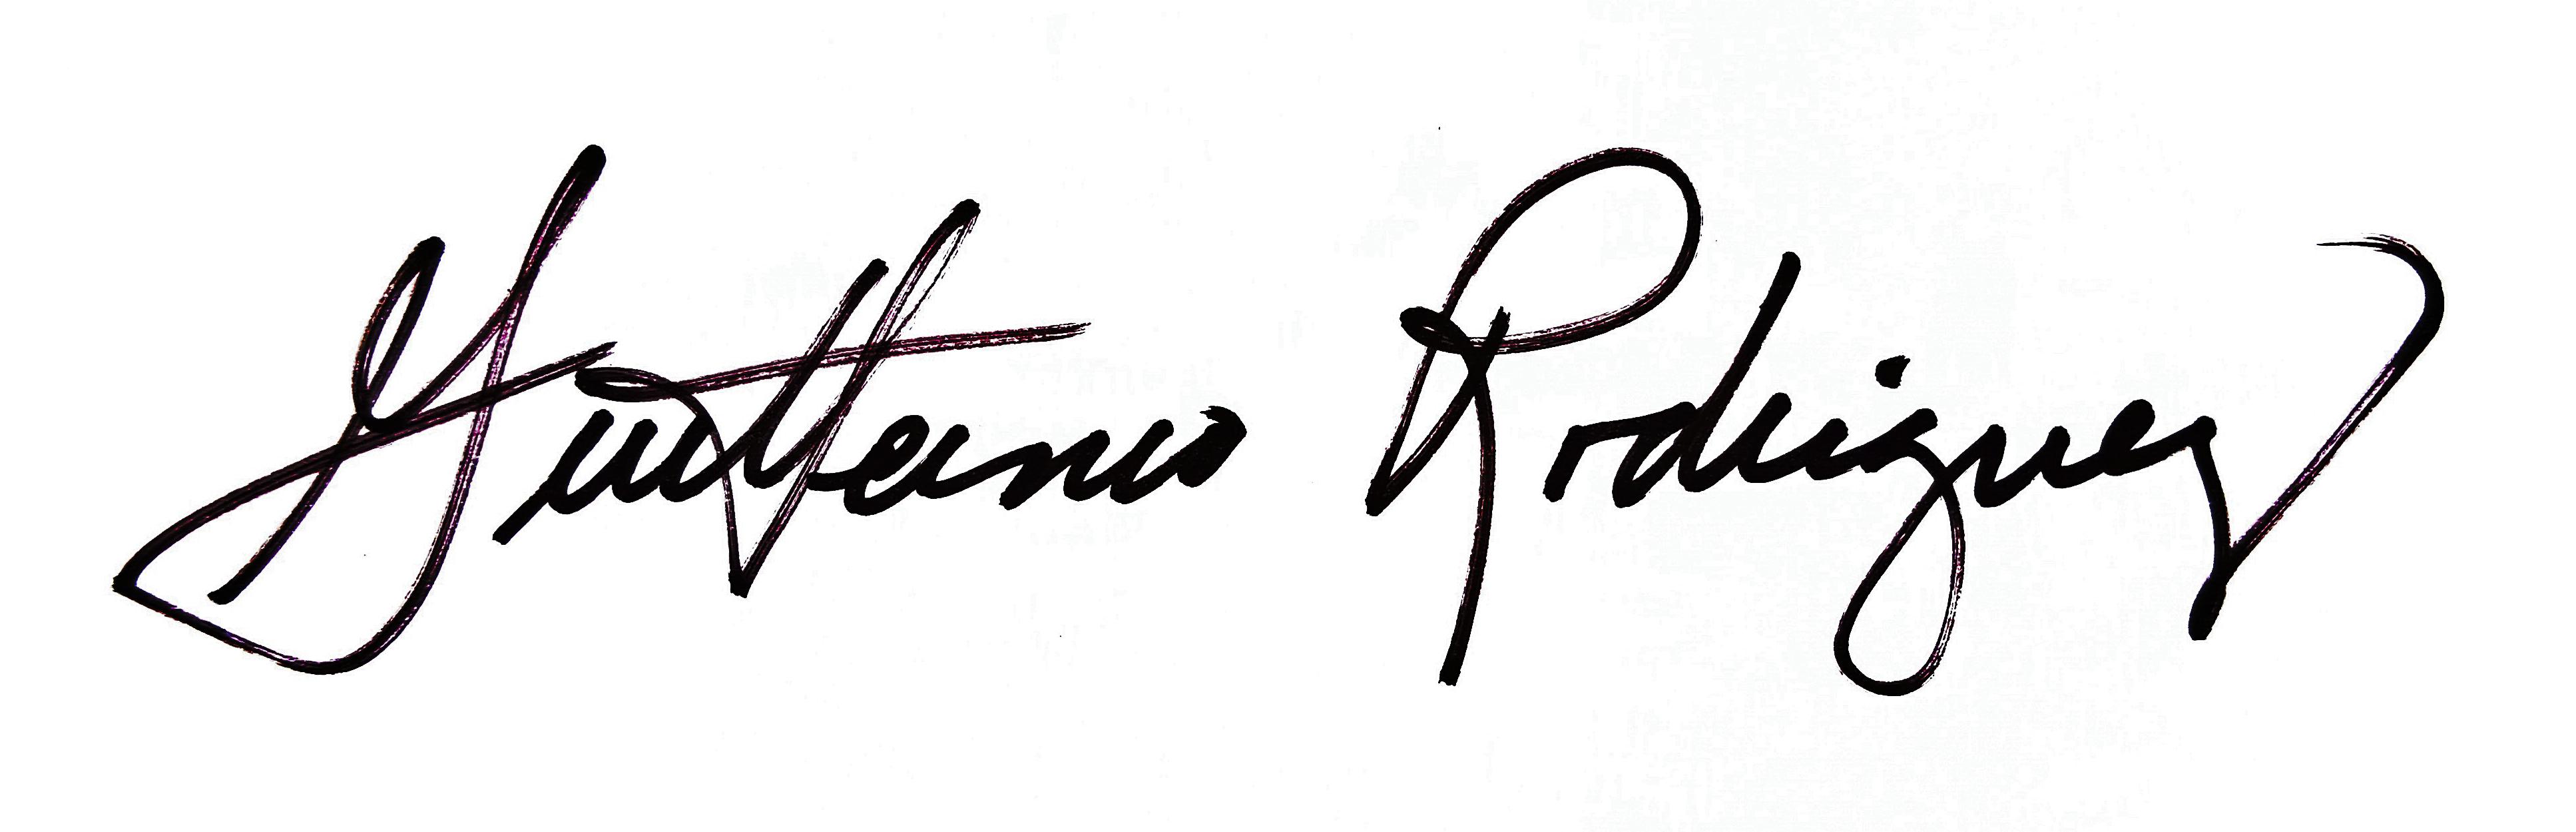 Guillermo Rodriguez Signature